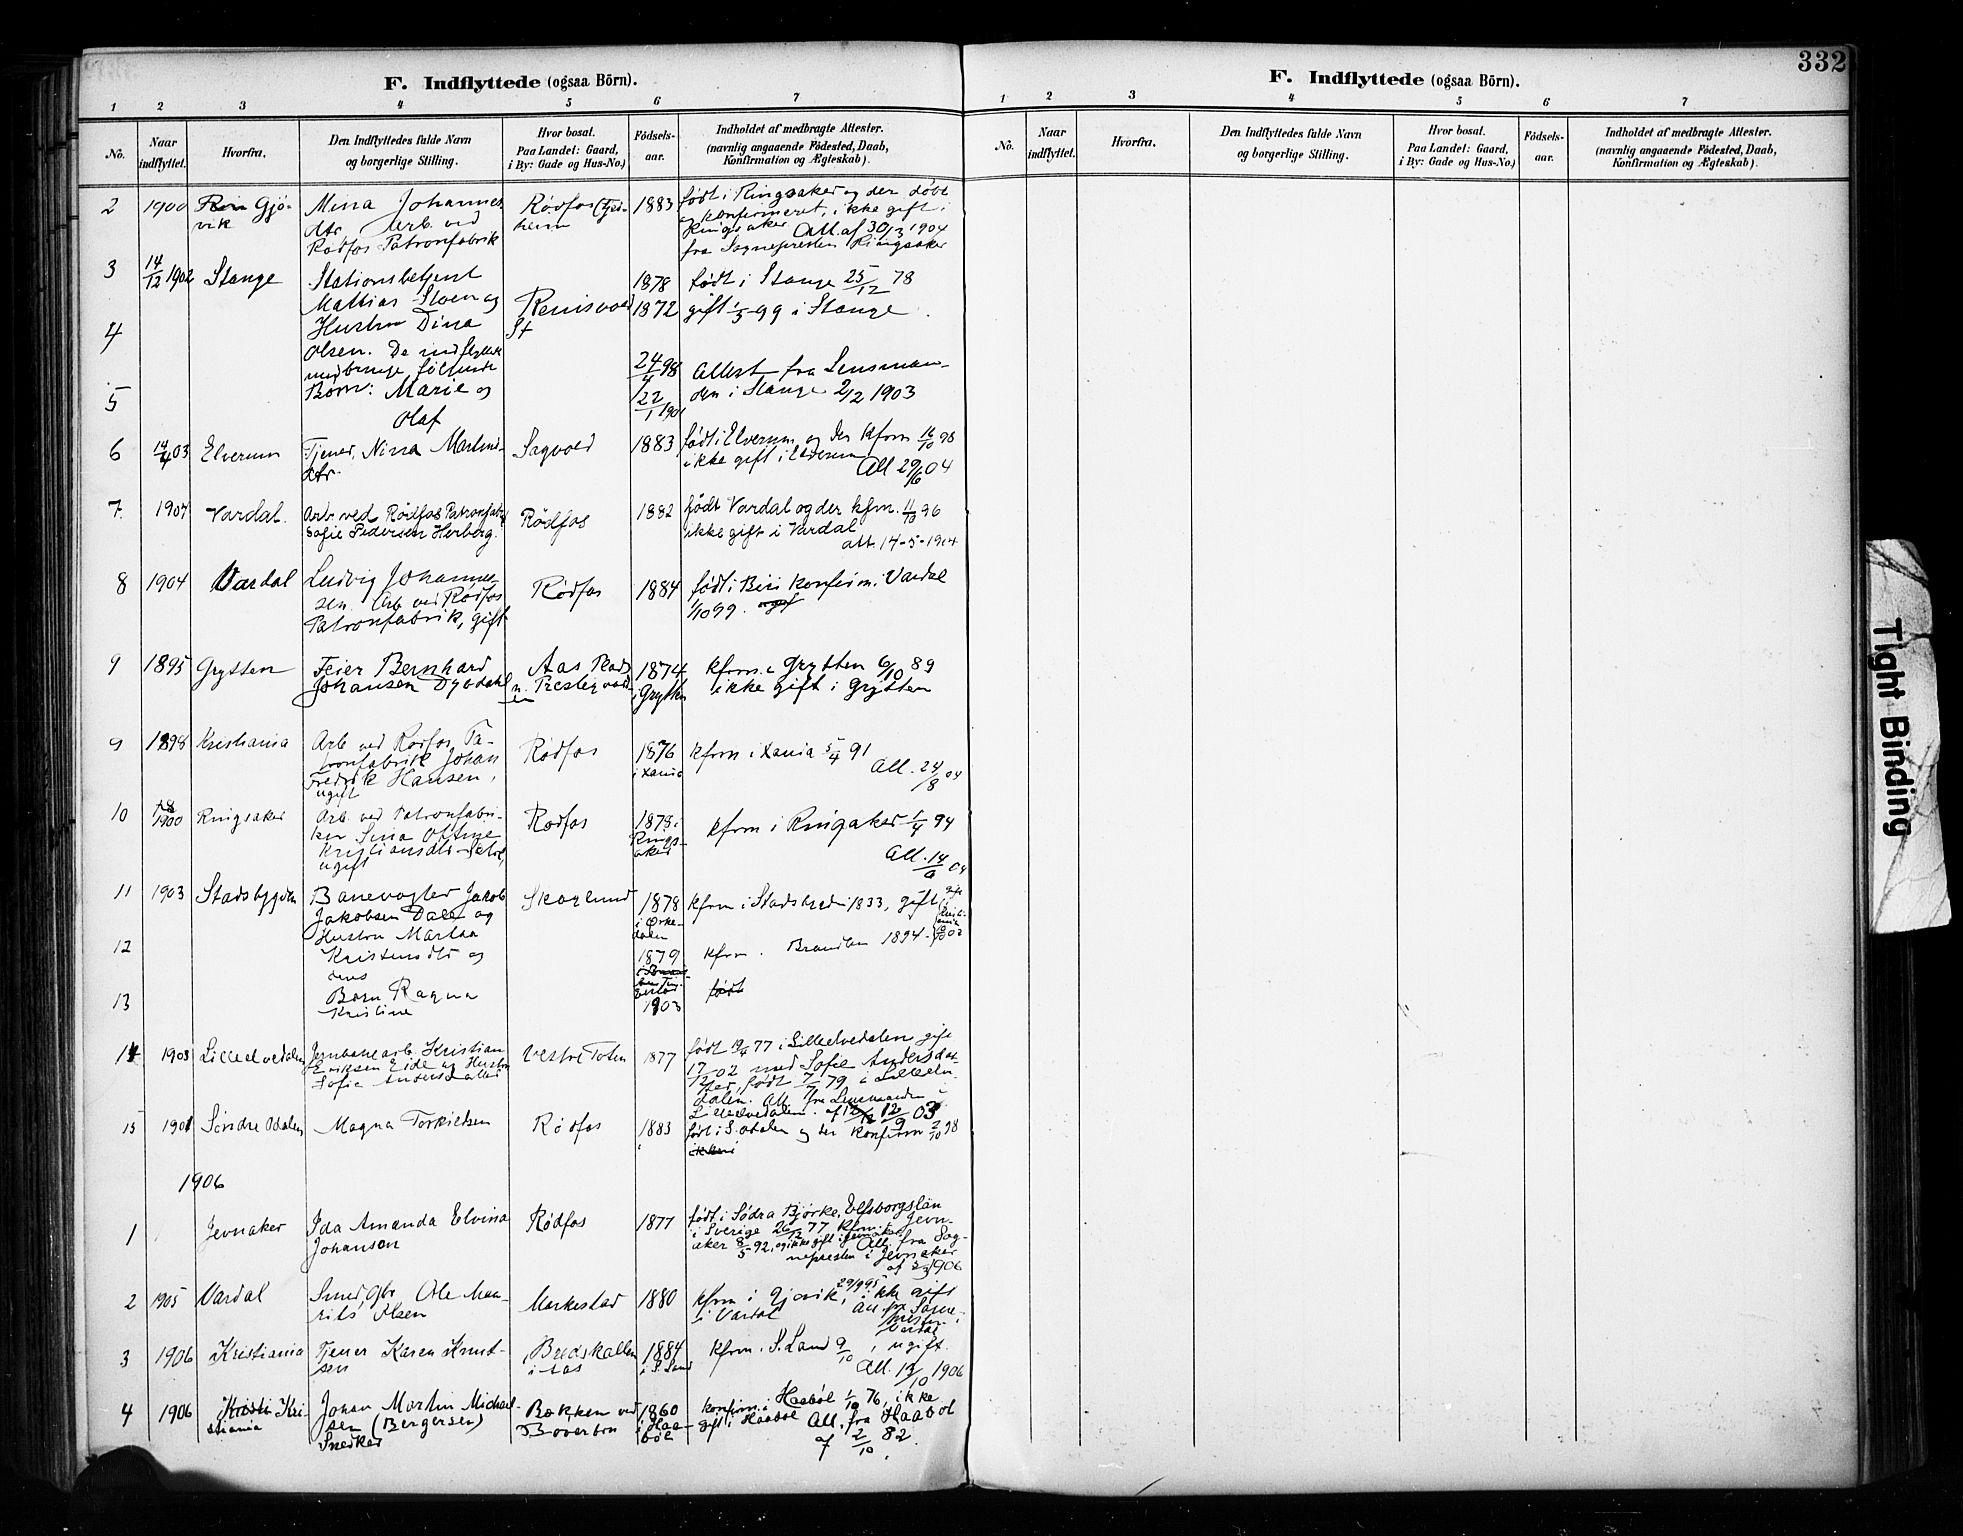 SAH, Vestre Toten prestekontor, Ministerialbok nr. 11, 1895-1906, s. 332